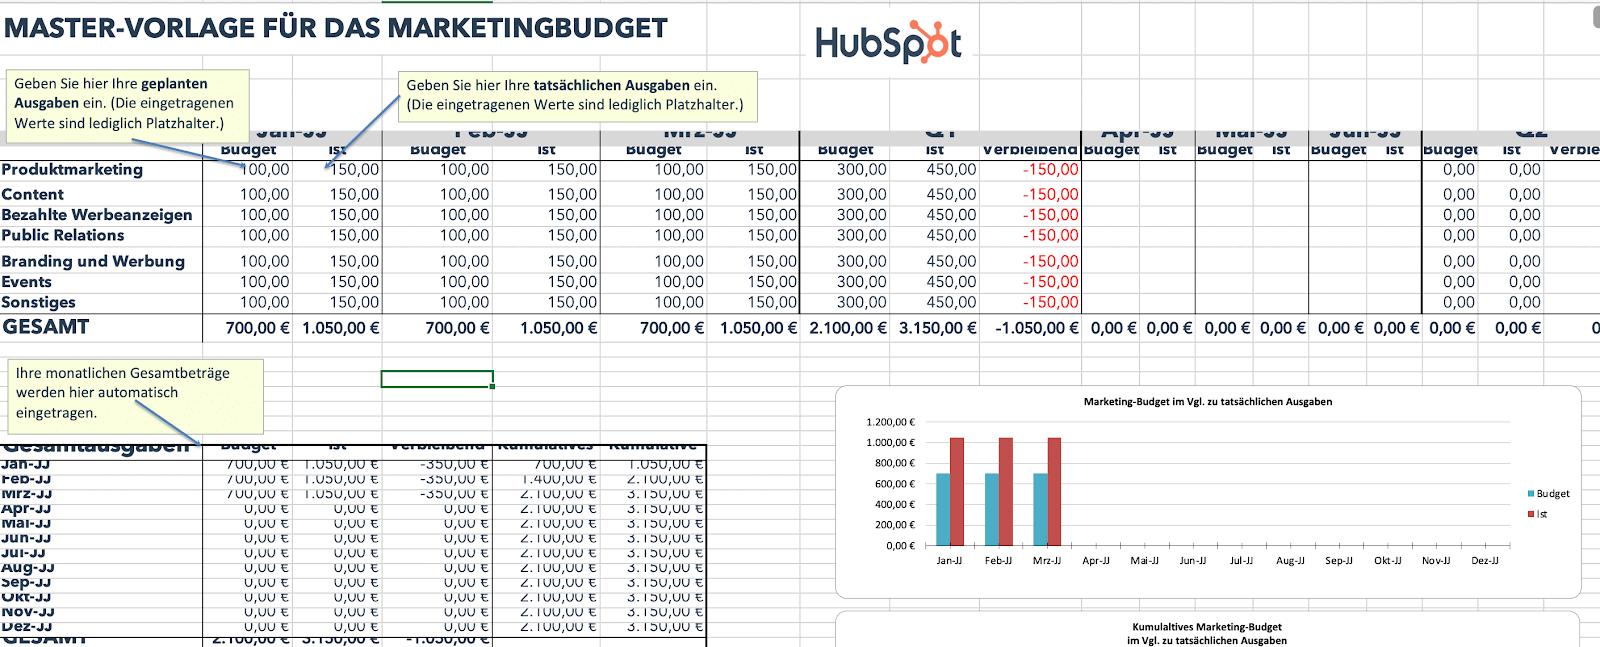 Marketingbudget Vorlage für das komplette Budget Excel Tabelle